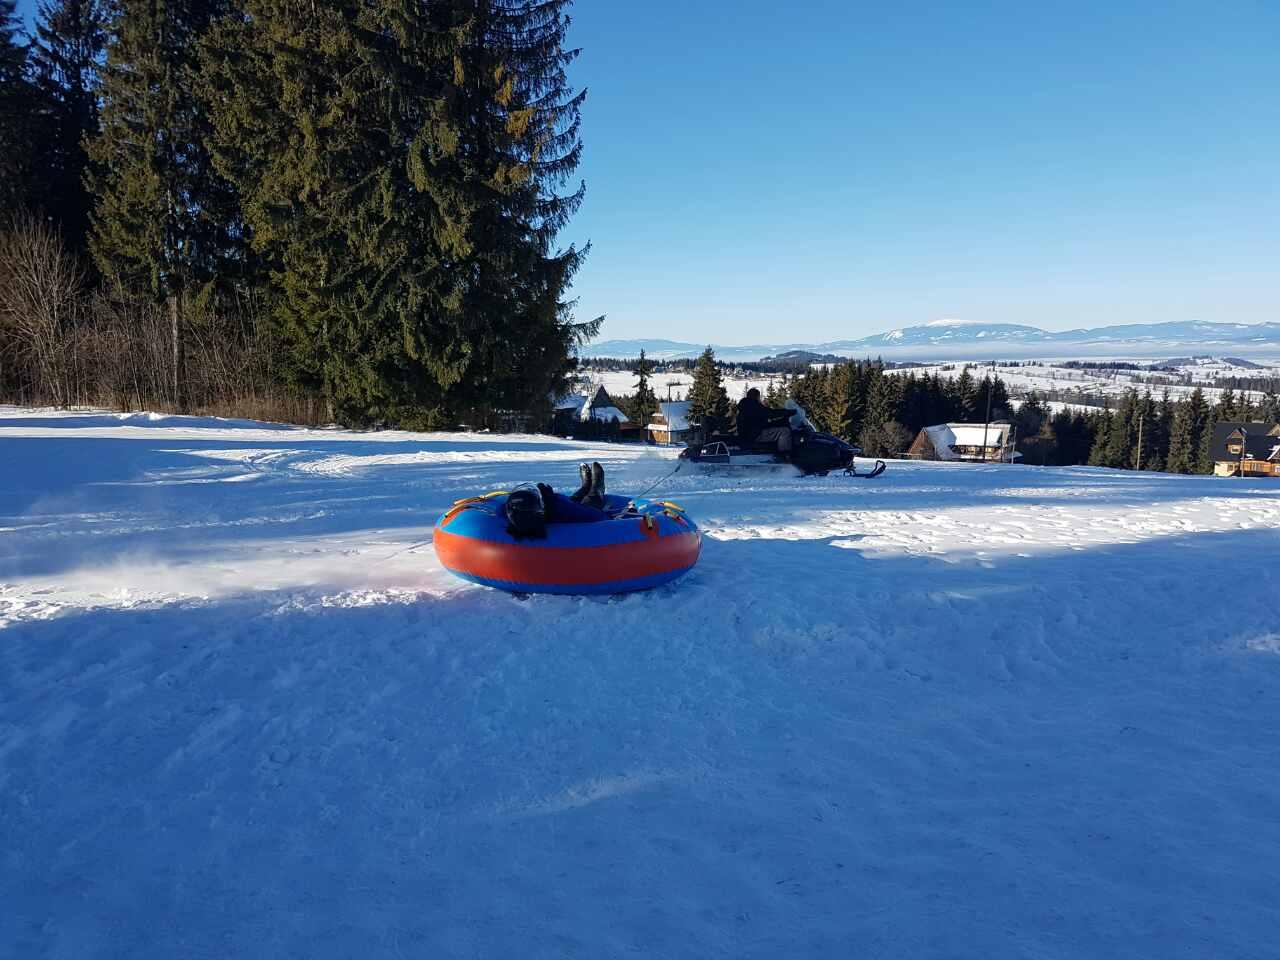 Snow tubing i snow rafting skutery śnieżne w Zakopanem 10